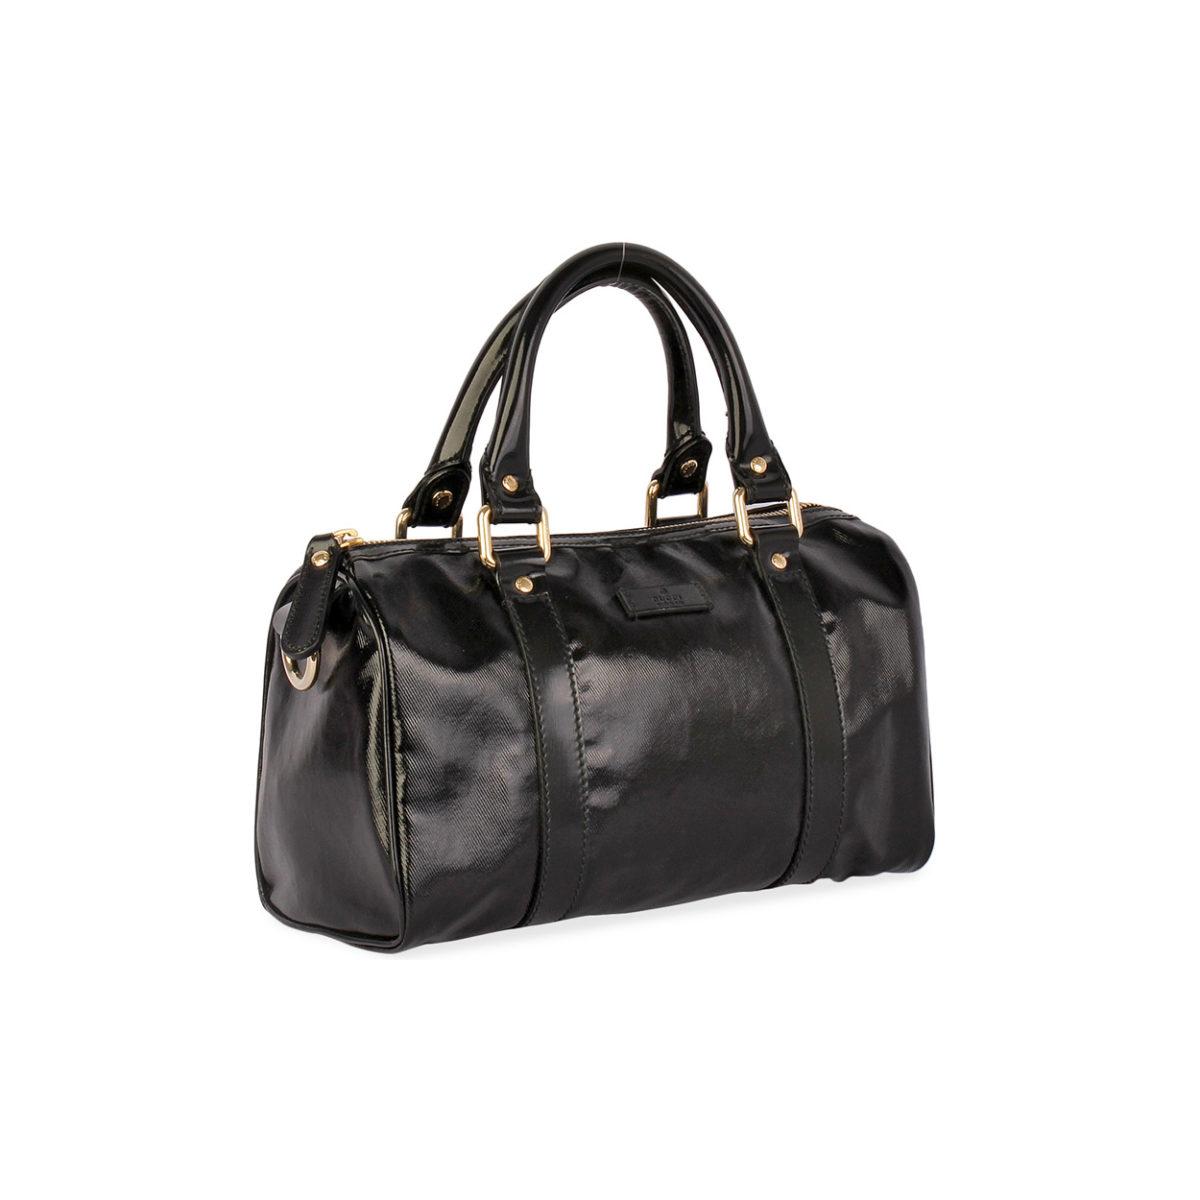 b4e35a0dca9 GUCCI Patent Boston Bag Black